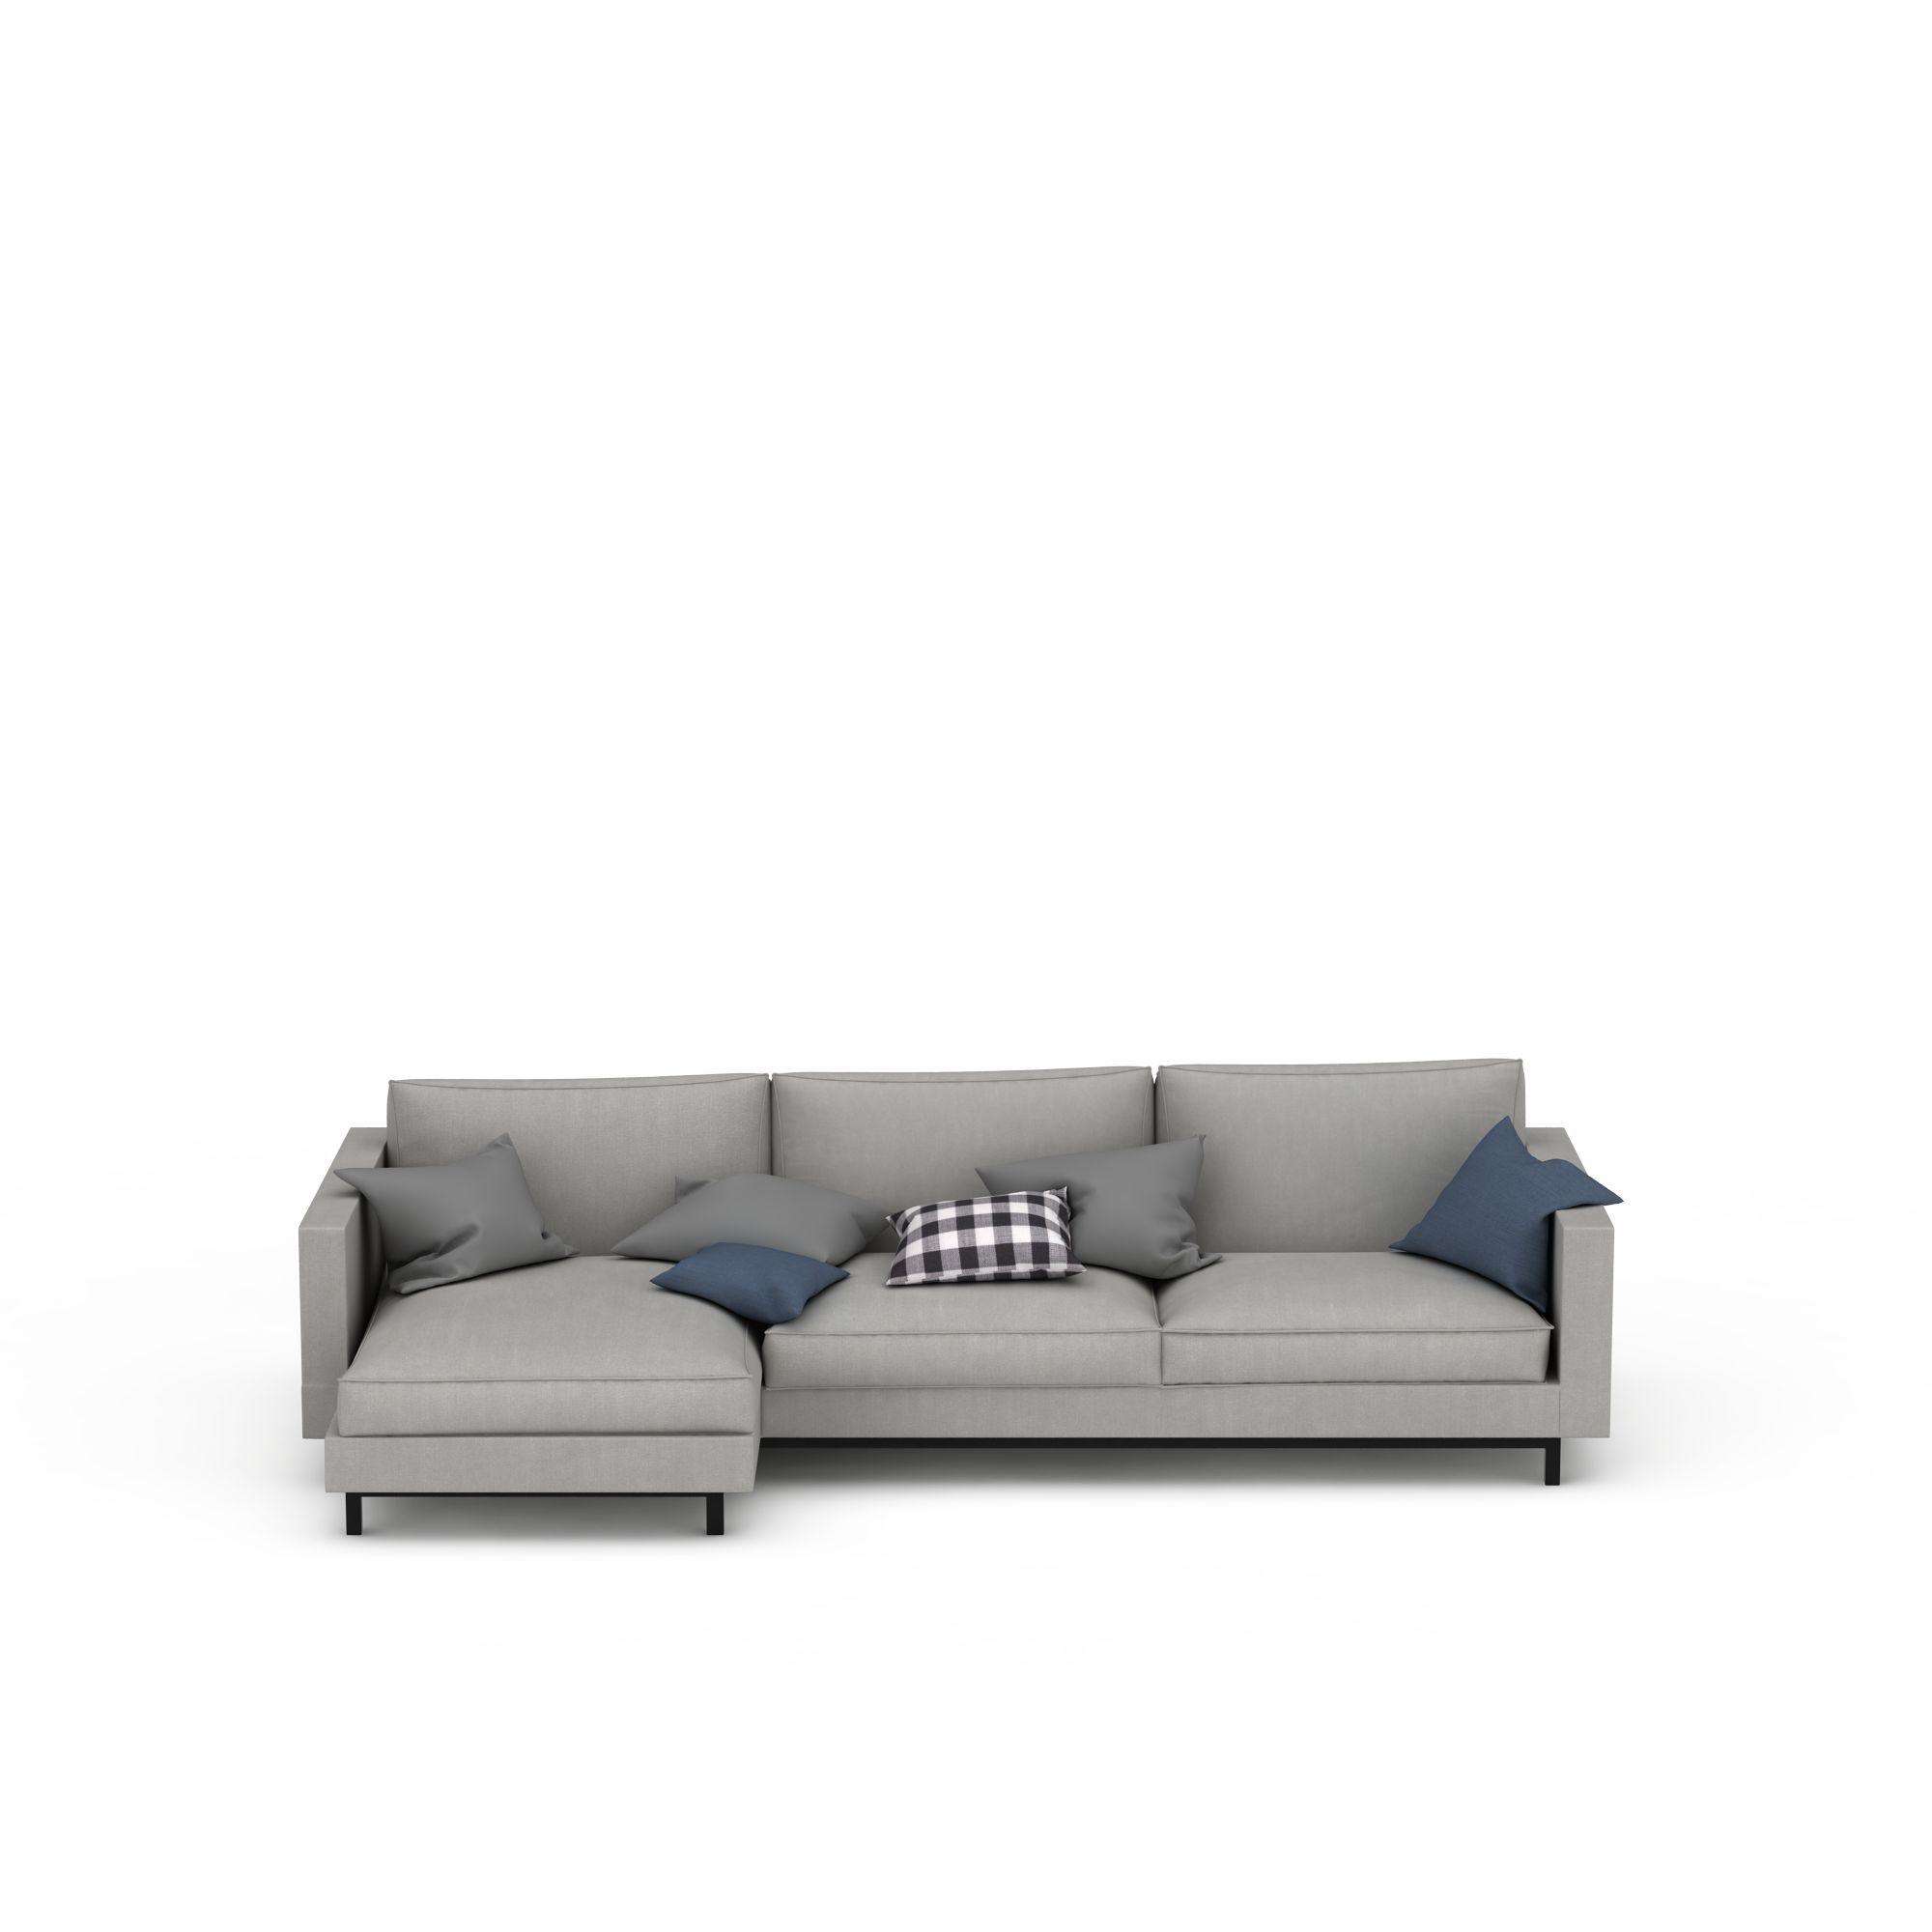 客廳轉角沙發圖片_客廳轉角沙發png圖片素材